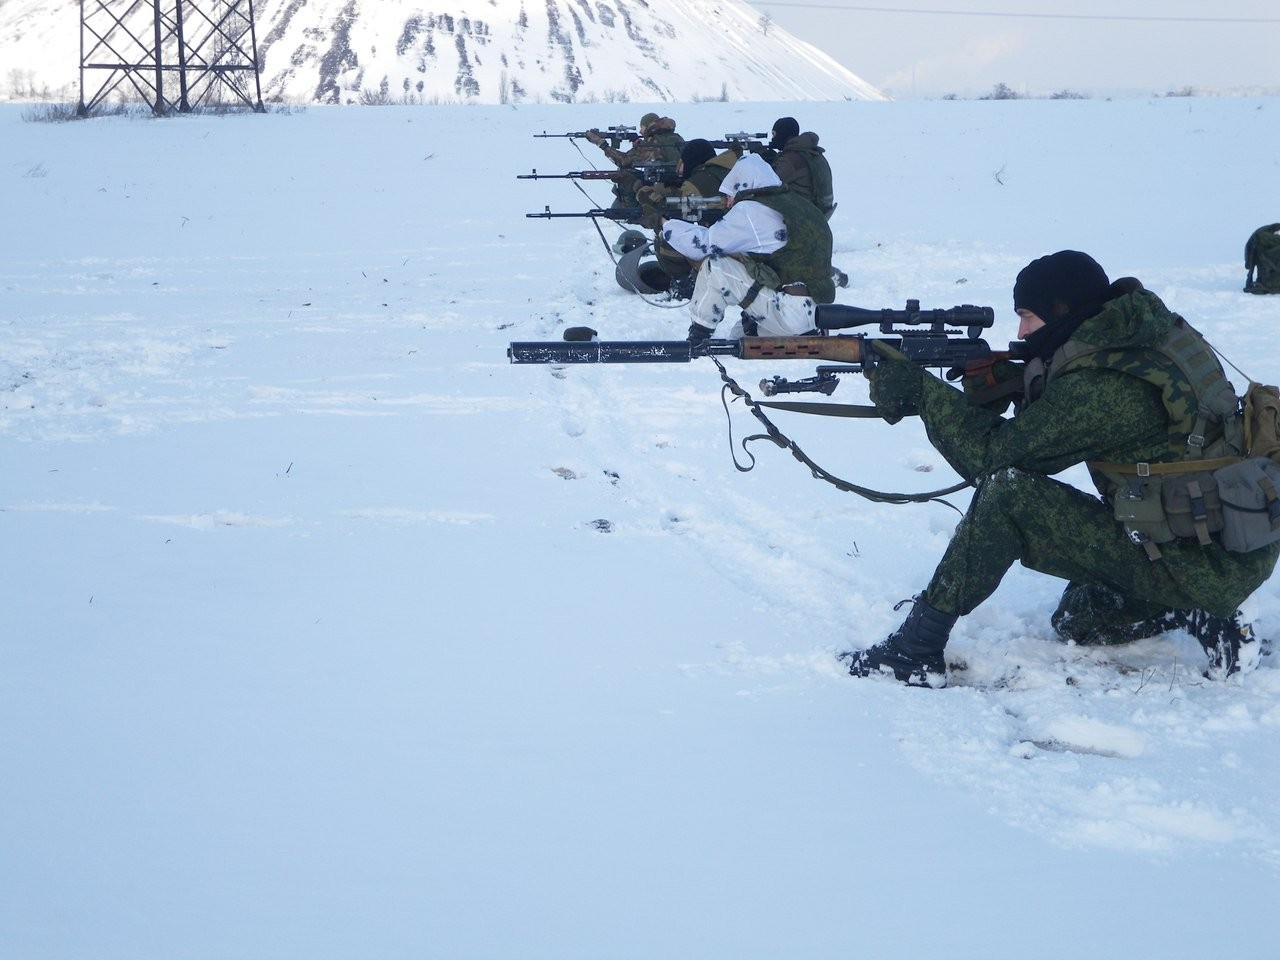 Песков: ВКремле несчитают боеприпасы ополченцев, однако полагаются, что иххватит